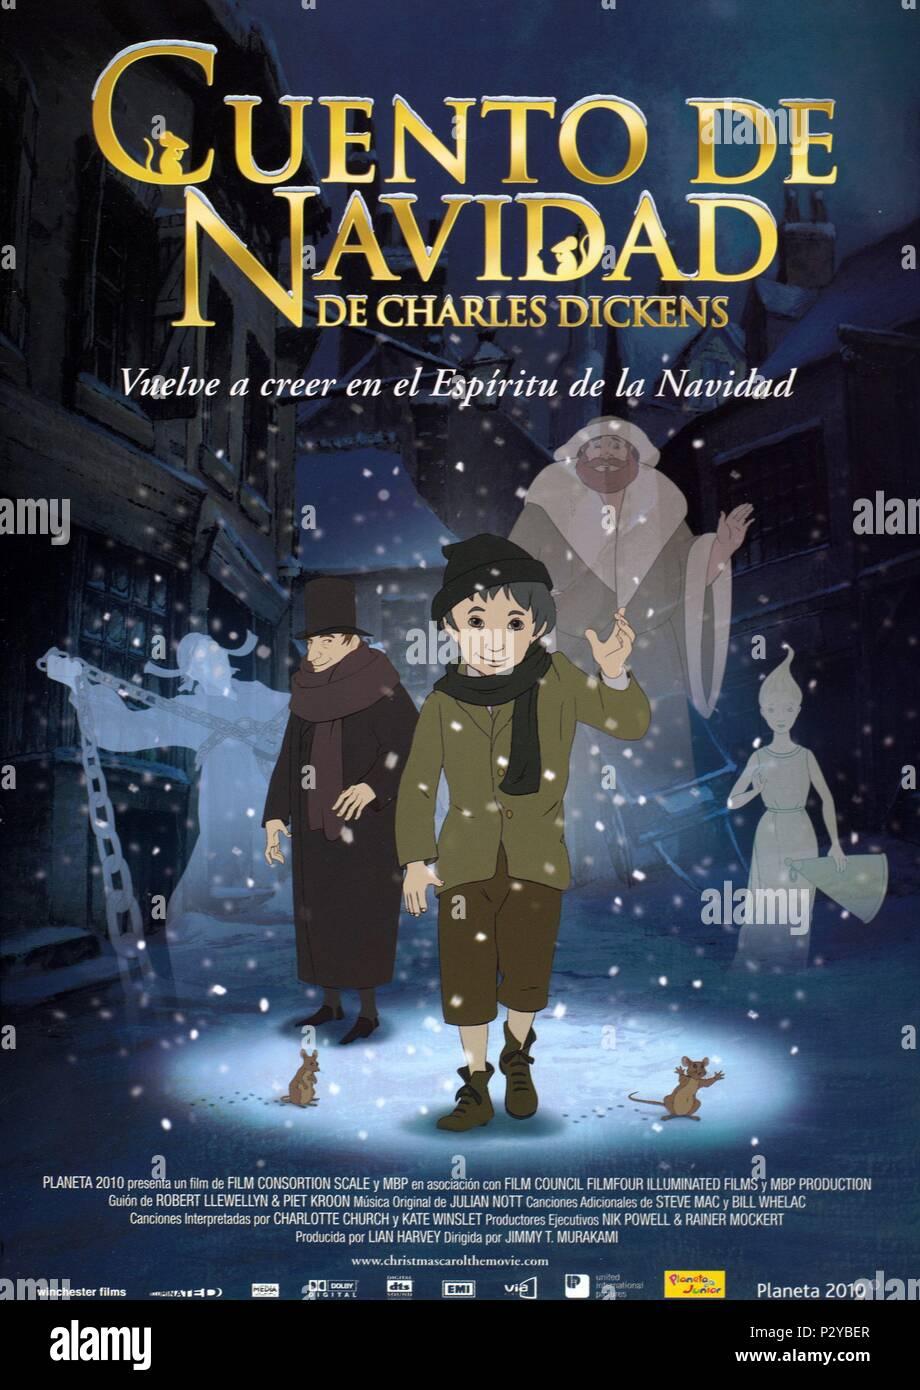 Christmas Movie Poster Stockfotos & Christmas Movie Poster Bilder ...